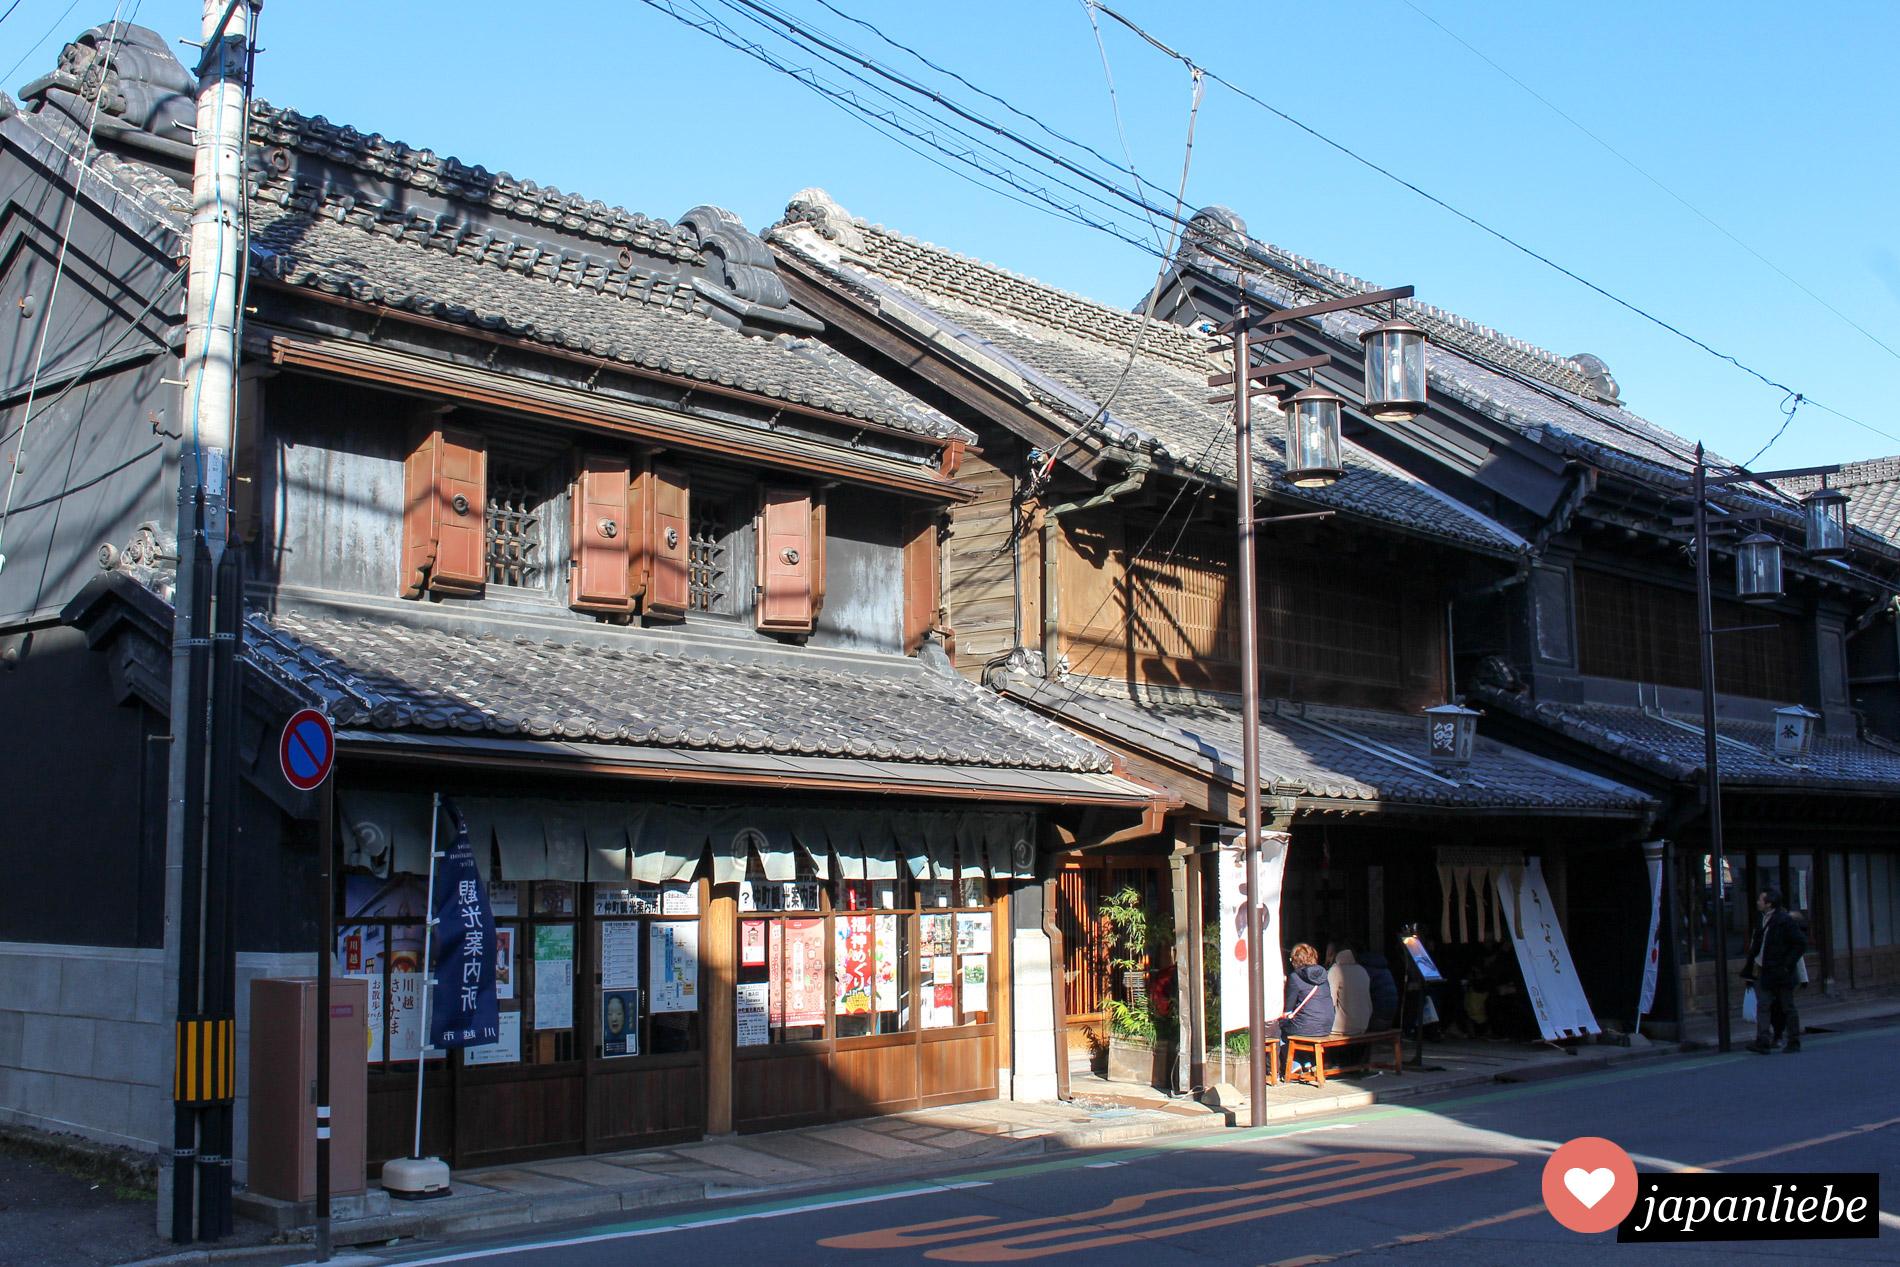 Kawagoe gibt an vielen Ecken EInblicke, wie Japan früher aussah.